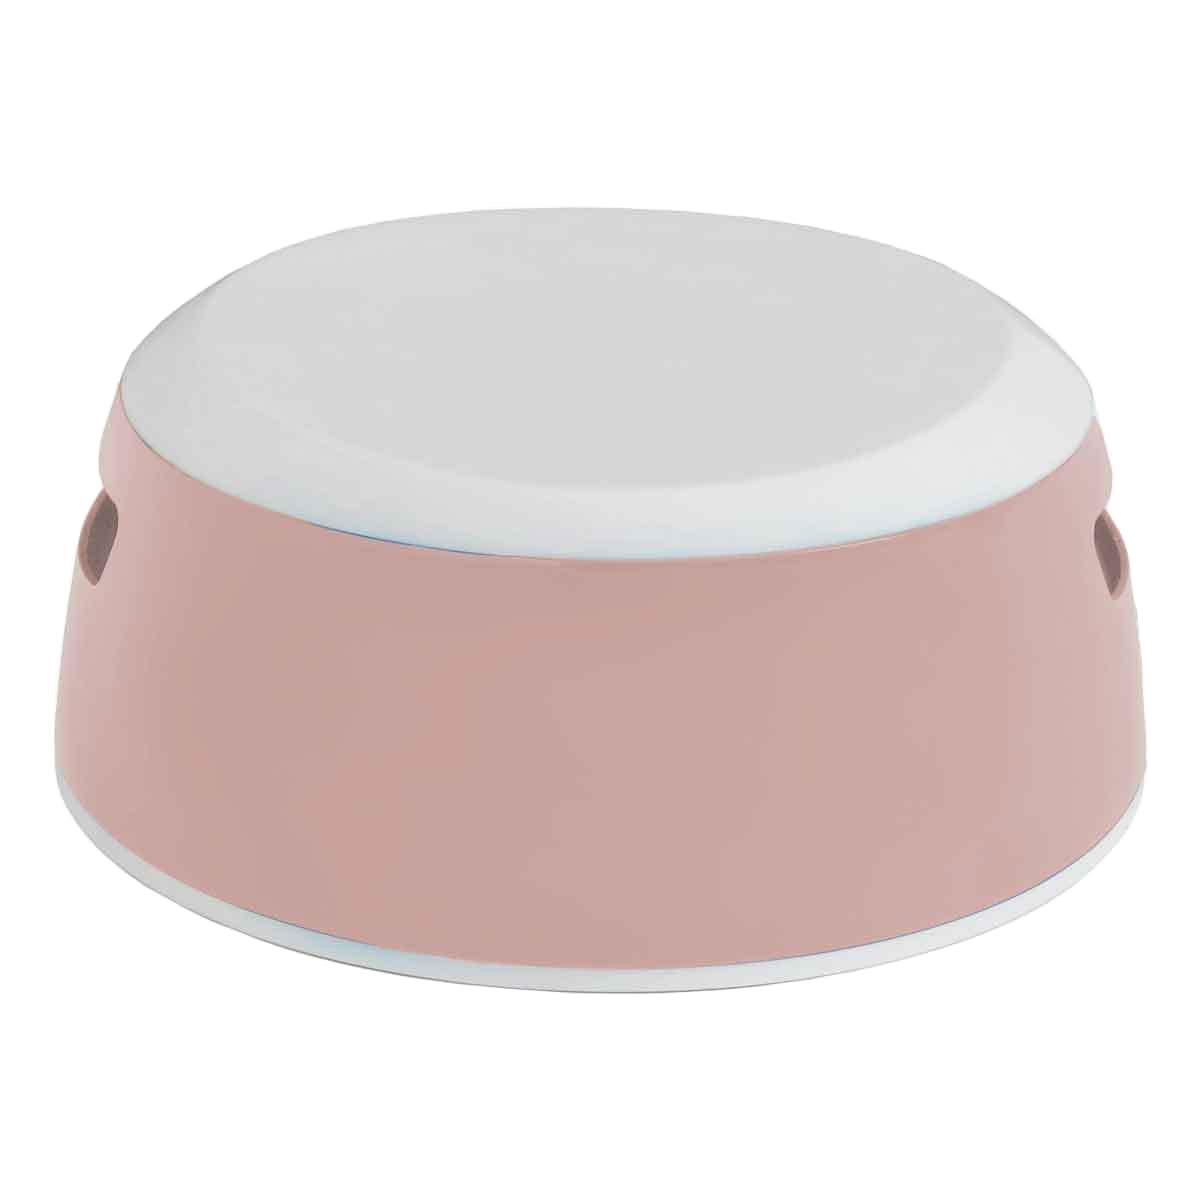 Pot & Réducteur Marchepied - Cloud Pink Marchepied - Cloud Pink